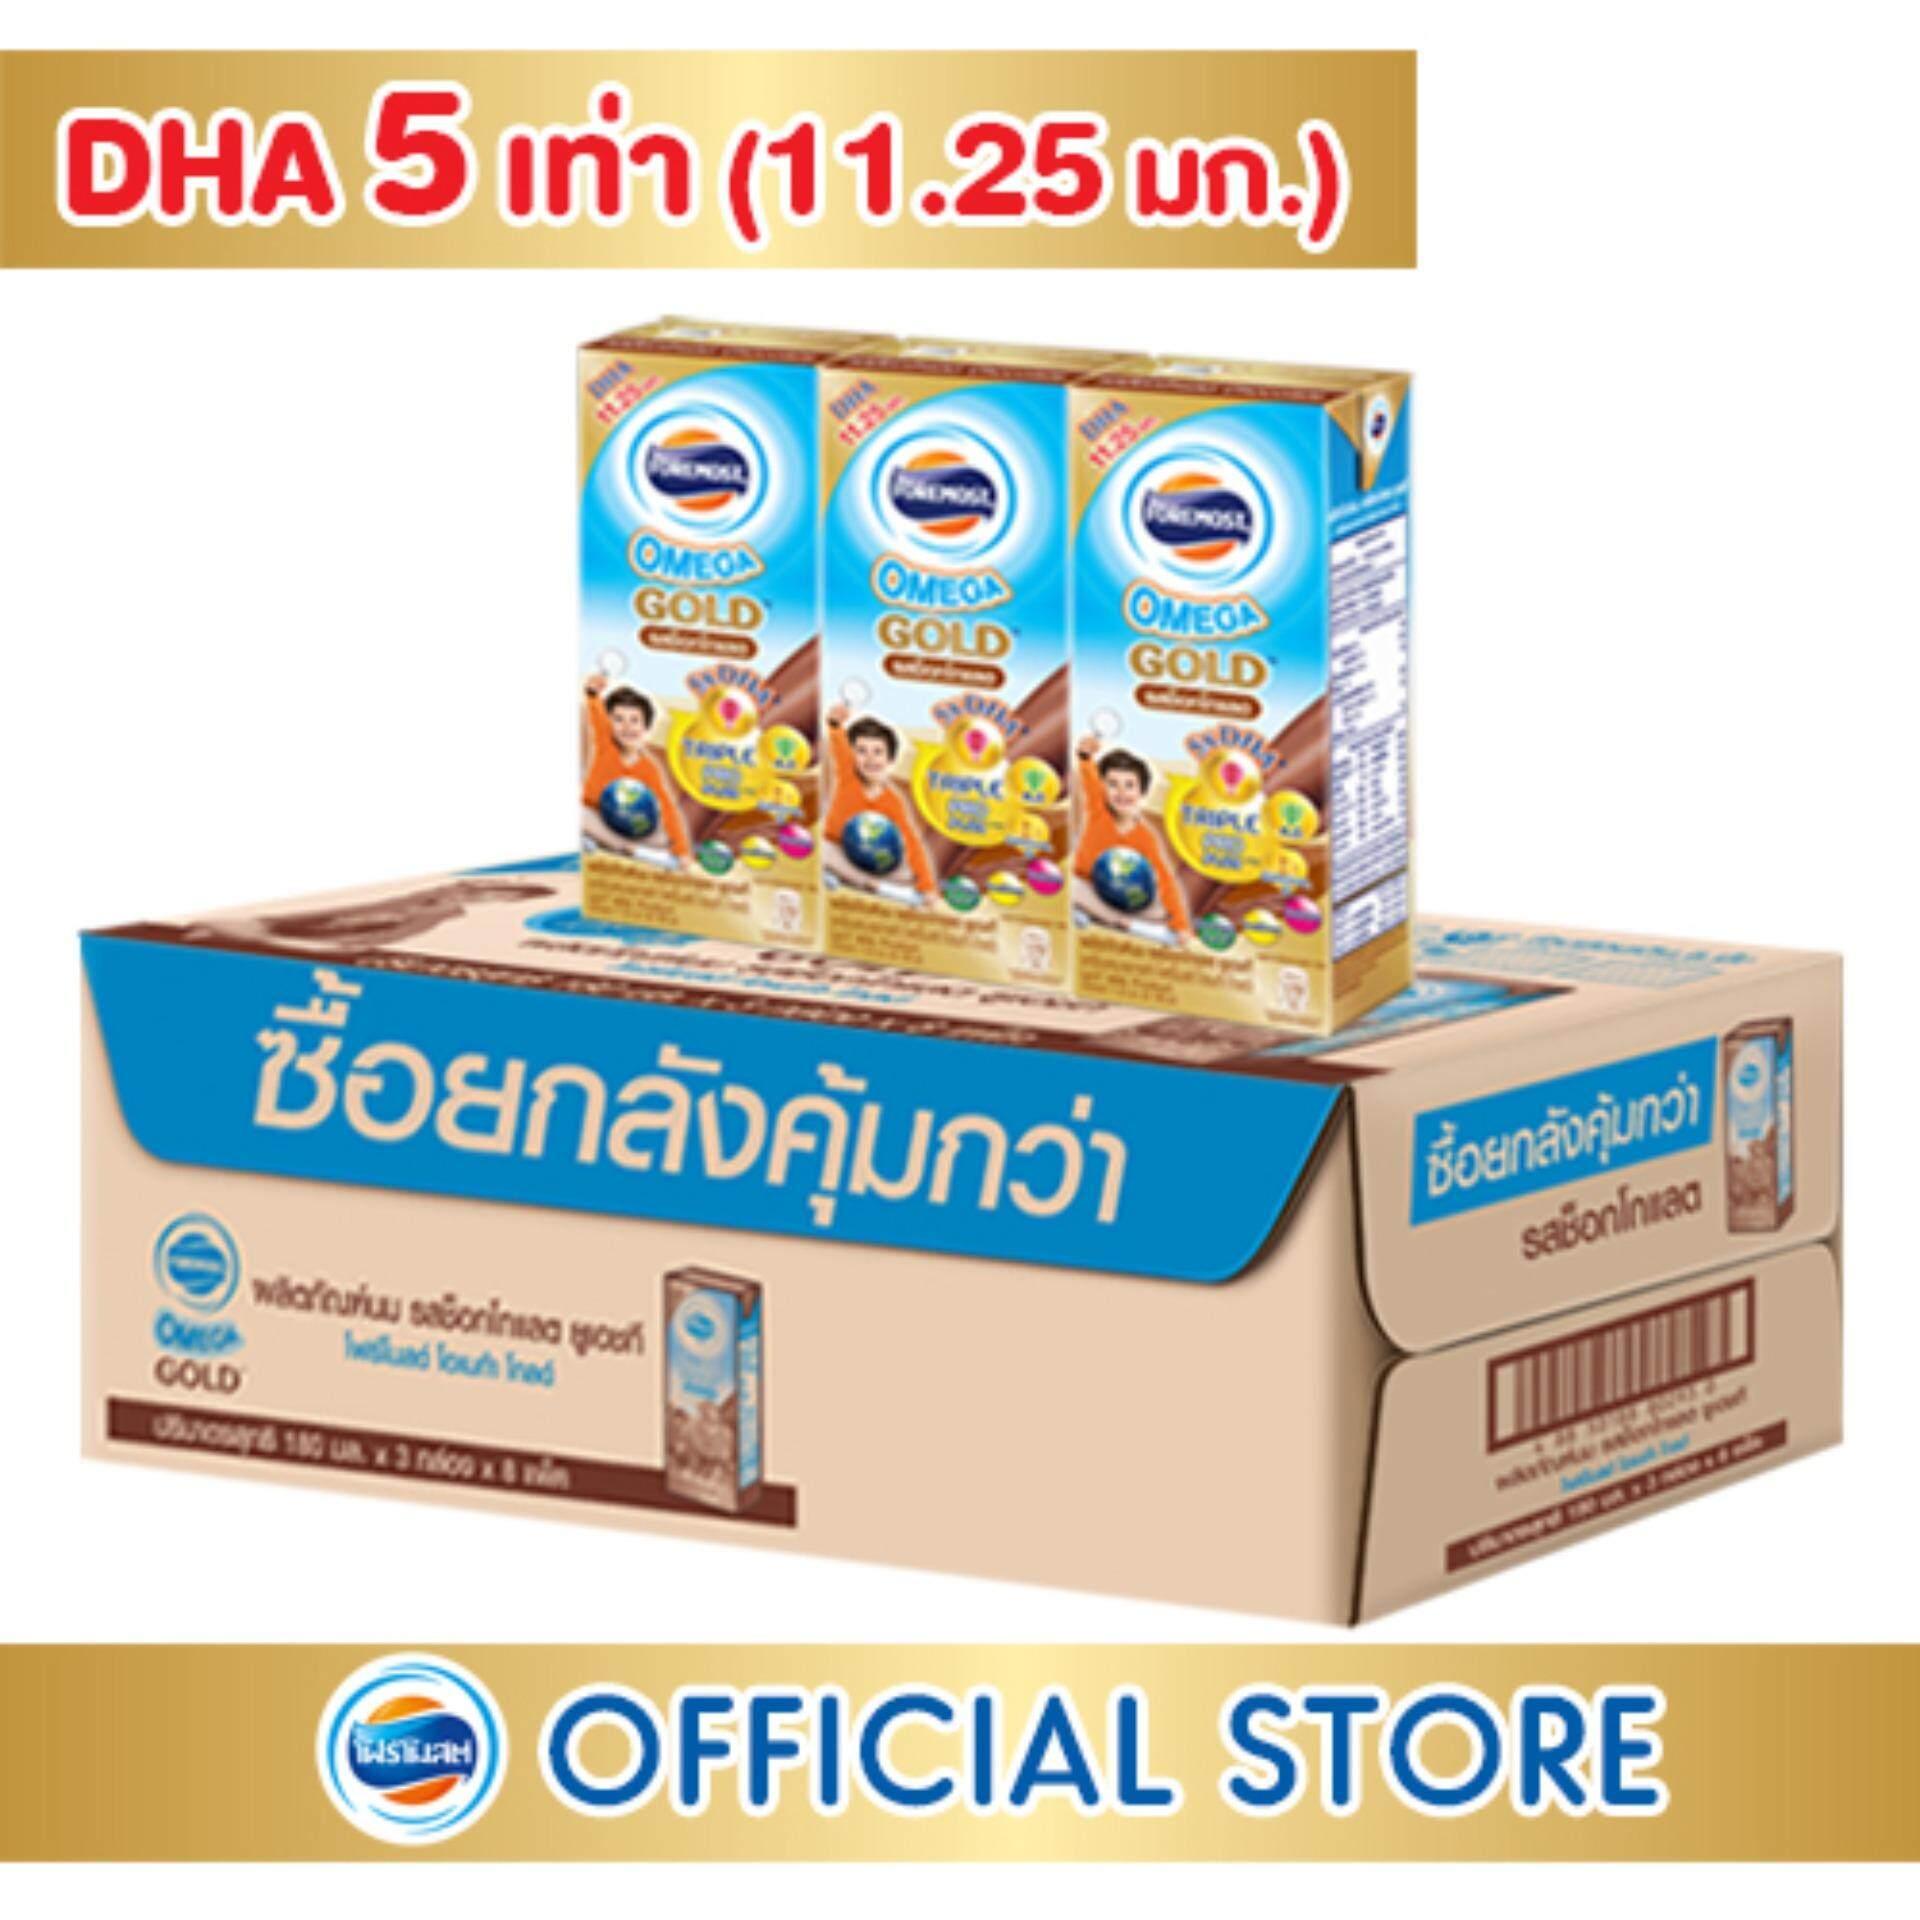 โฟร์โมสต์โอเมก้าโกลด์ รสช็อคโกแลต 180 มล. (24กล่อง/ลัง).